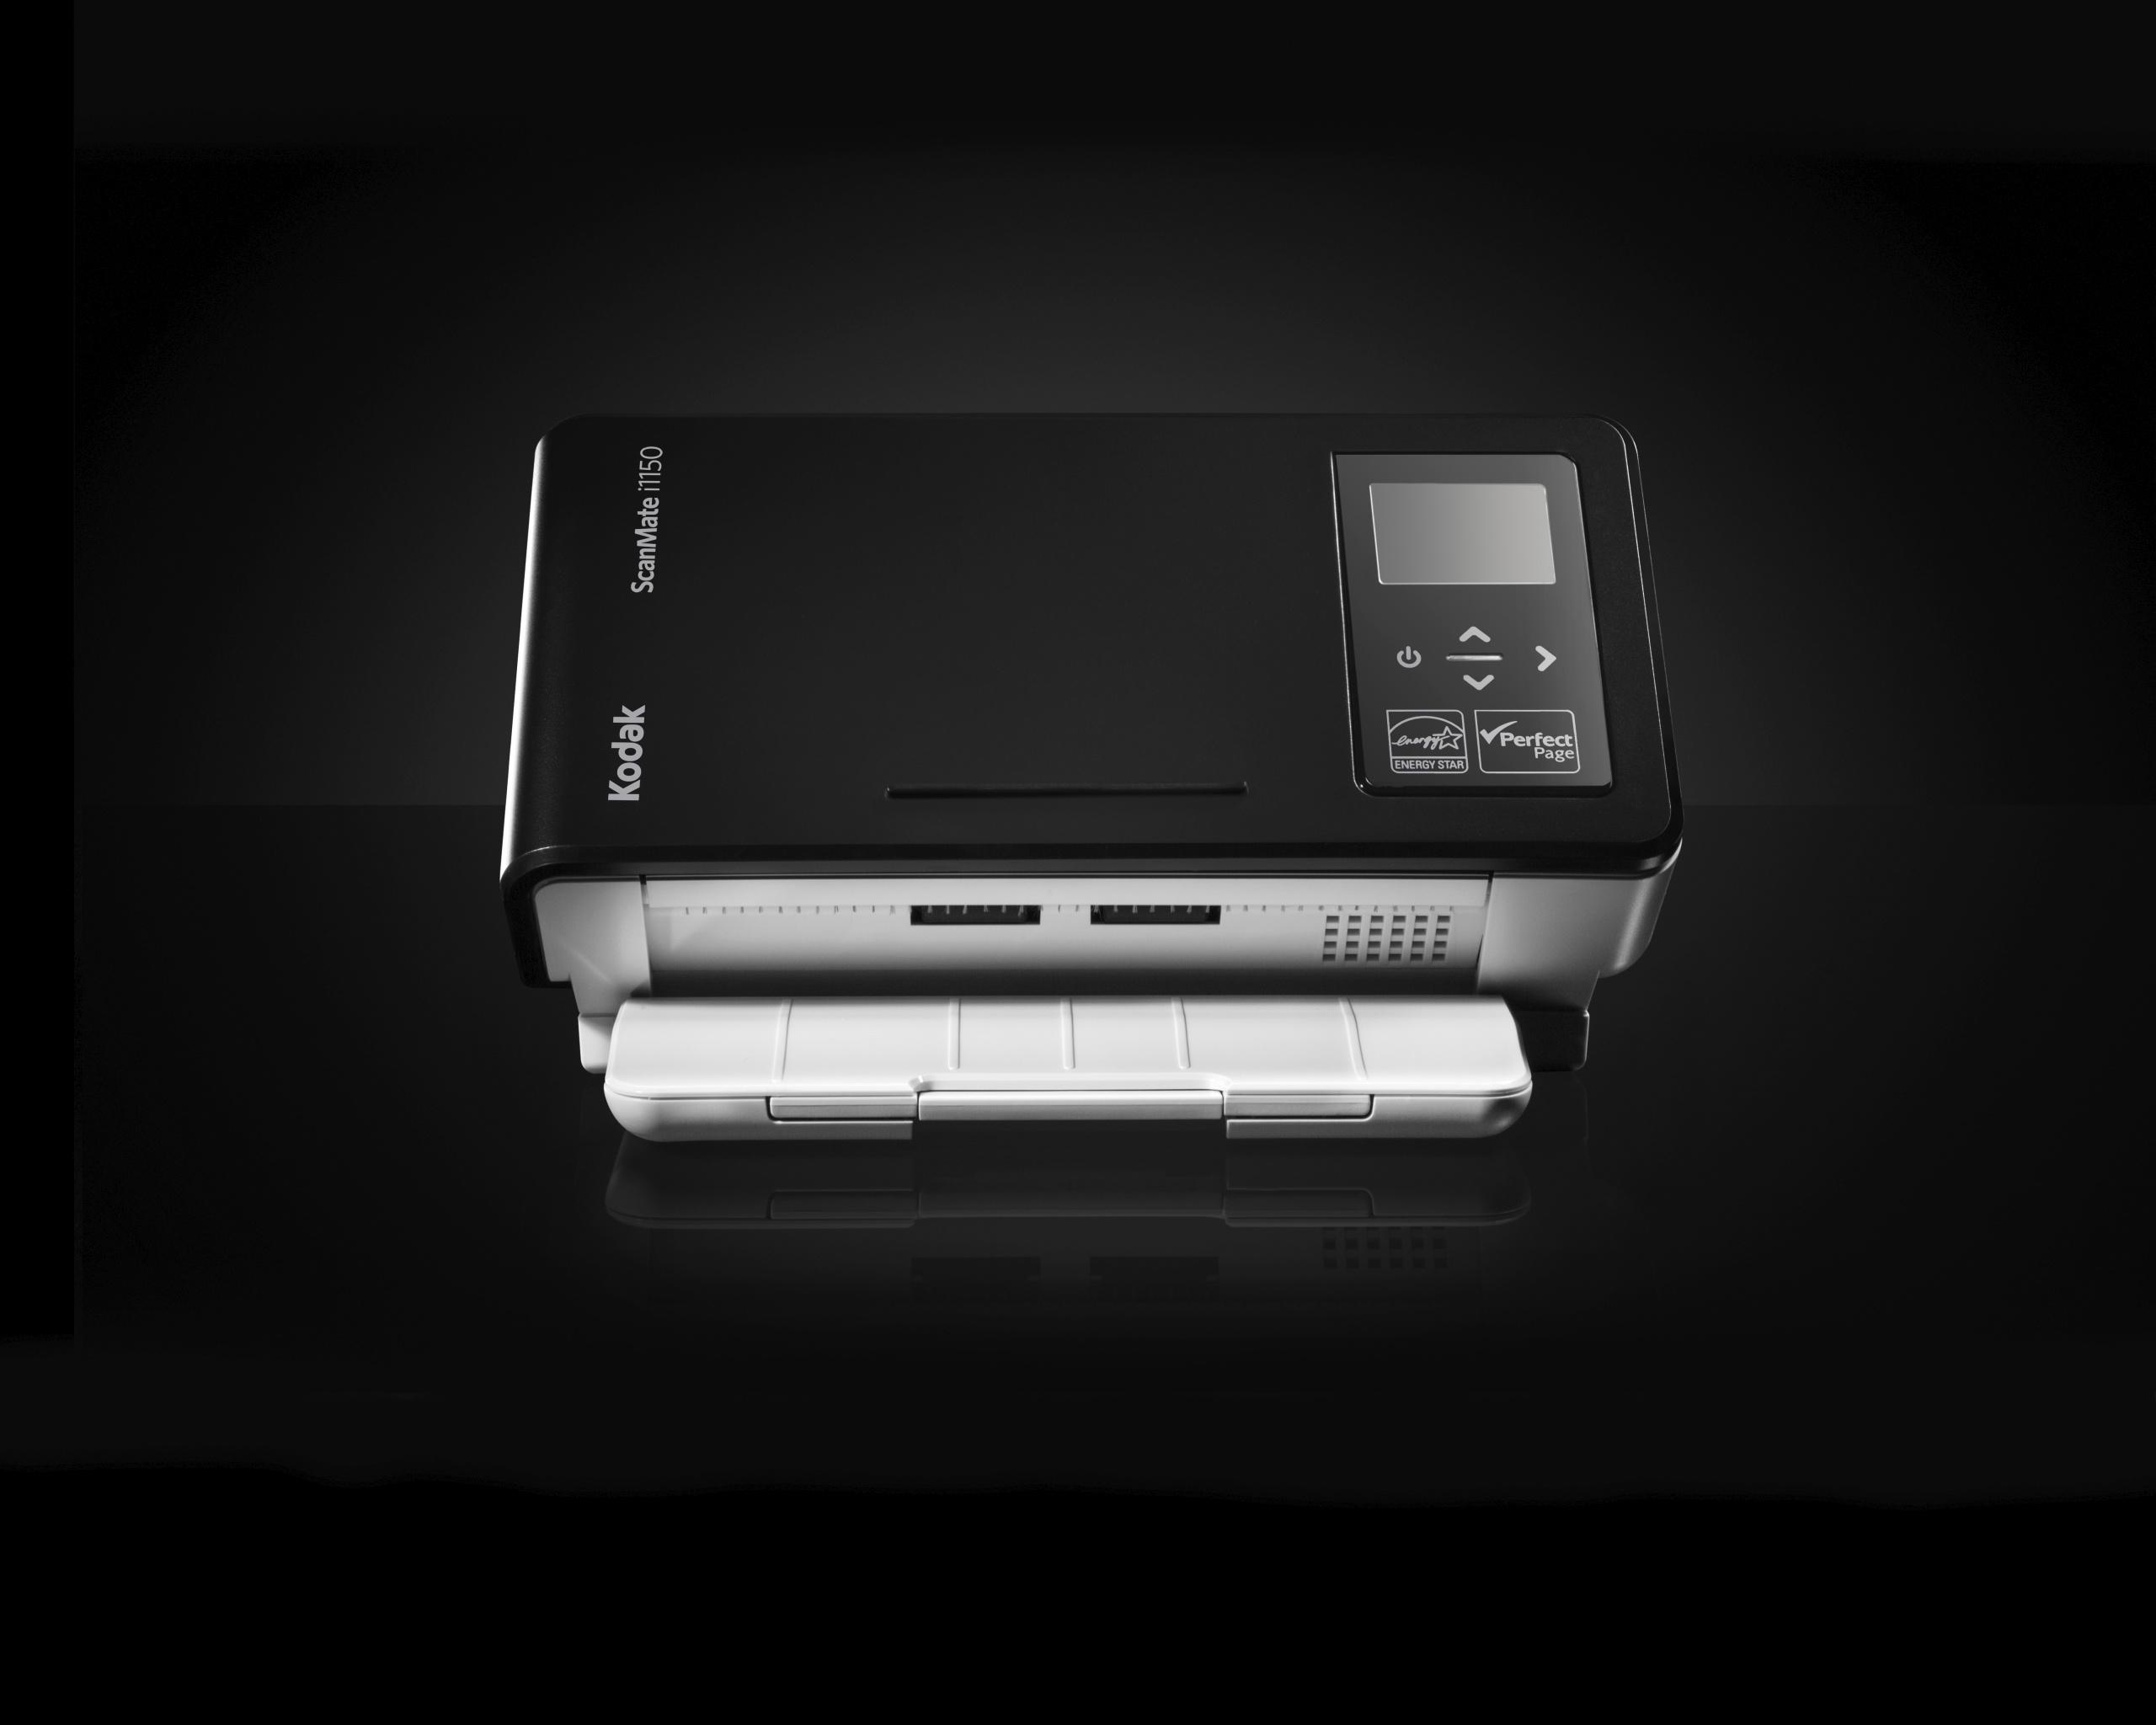 SCANMATE i1150 Scanner información y accesorios - Kodak Alaris